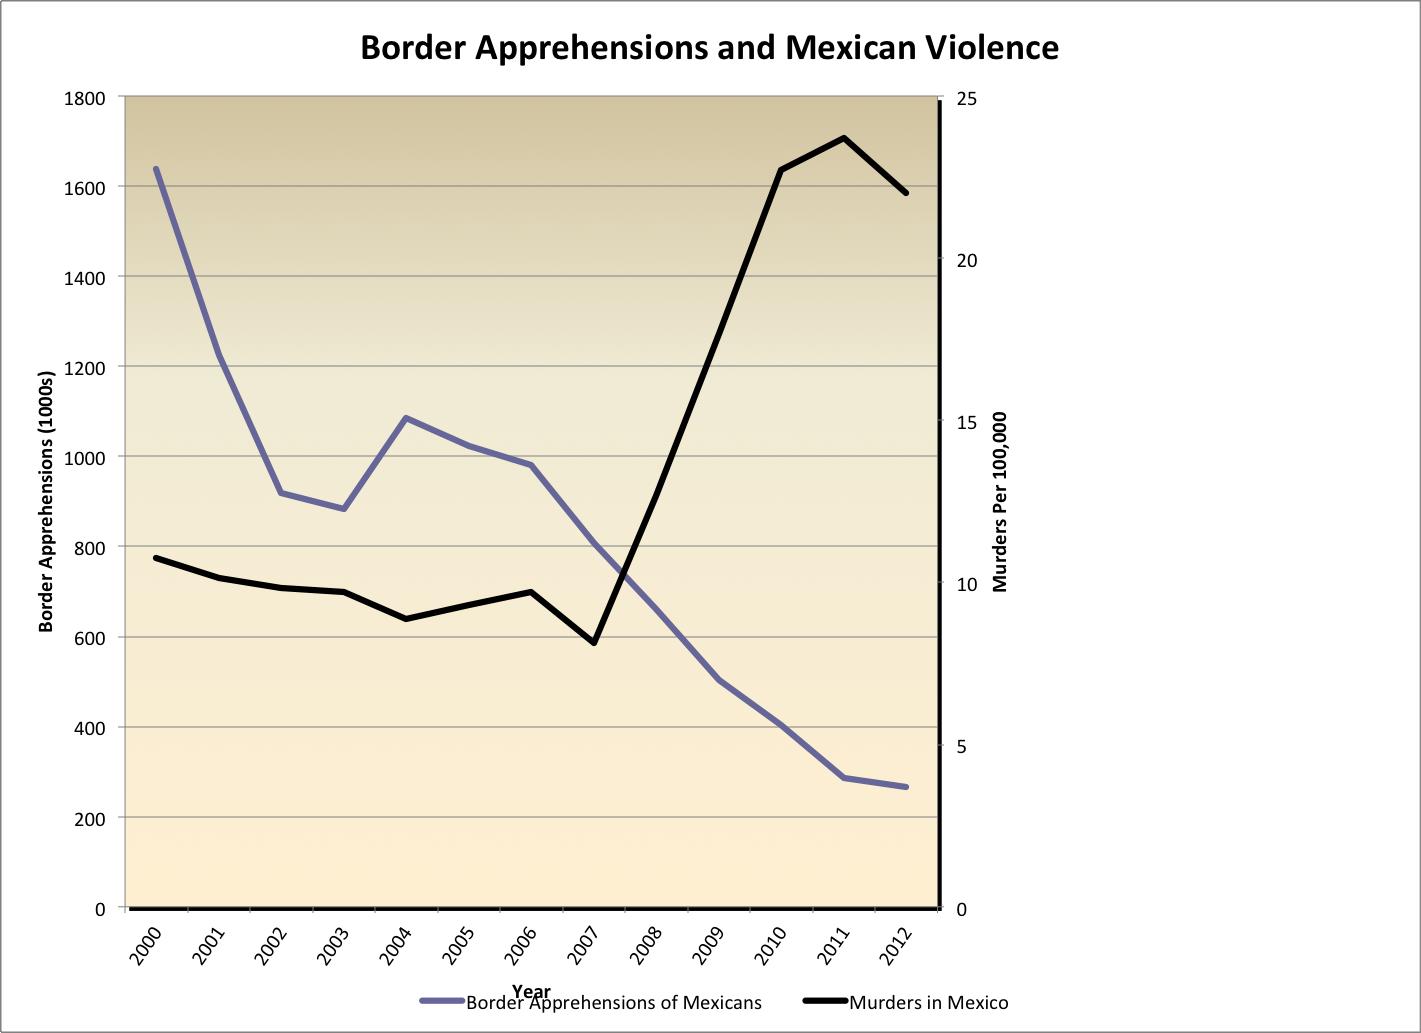 cato institute immigration statistics